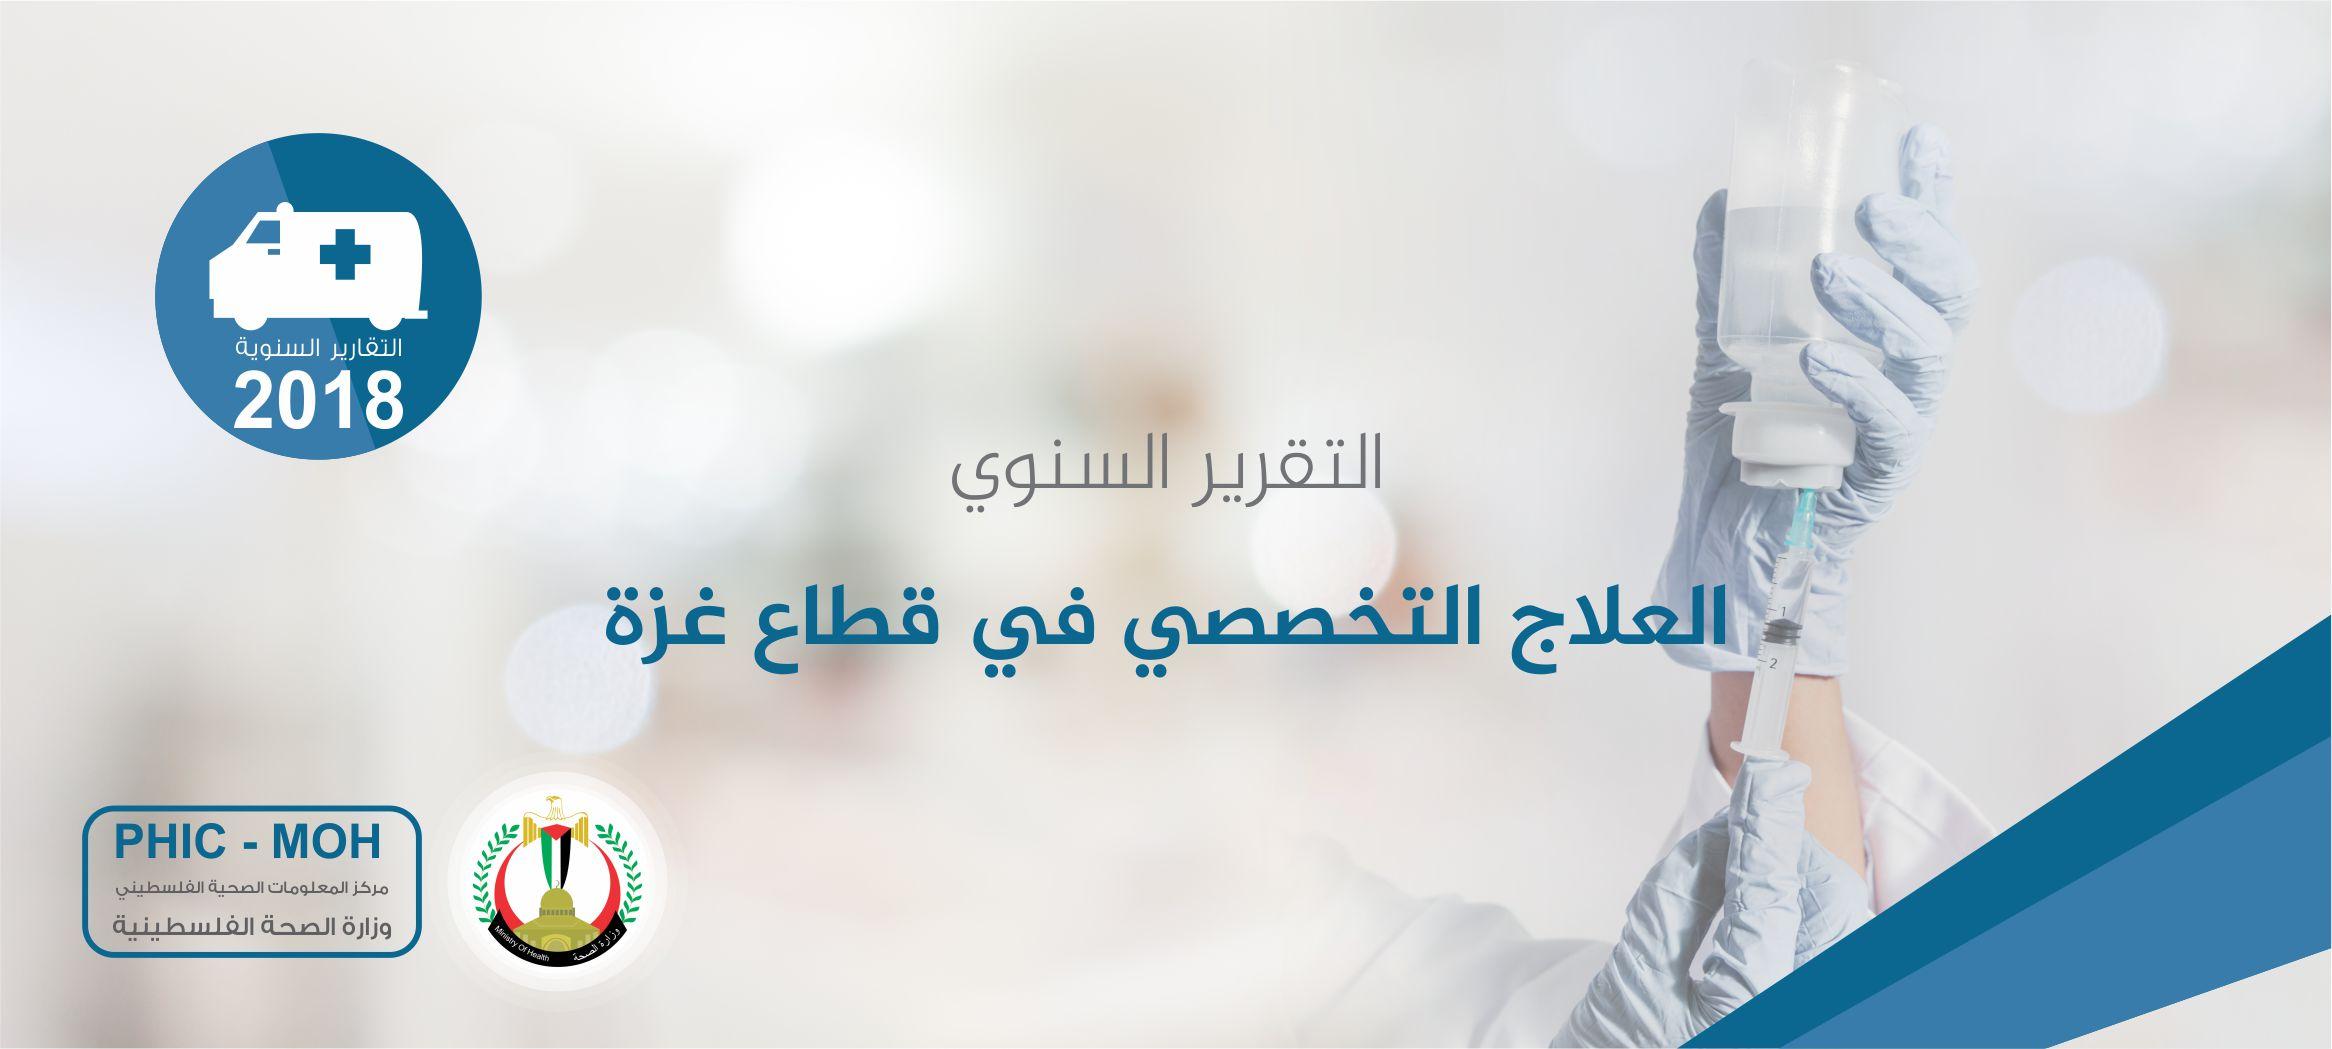 التقرير السنوي للعلاج التخصصي قطاع غزة لعام 2018 مركز المعلومات الصحية الفلسطيني